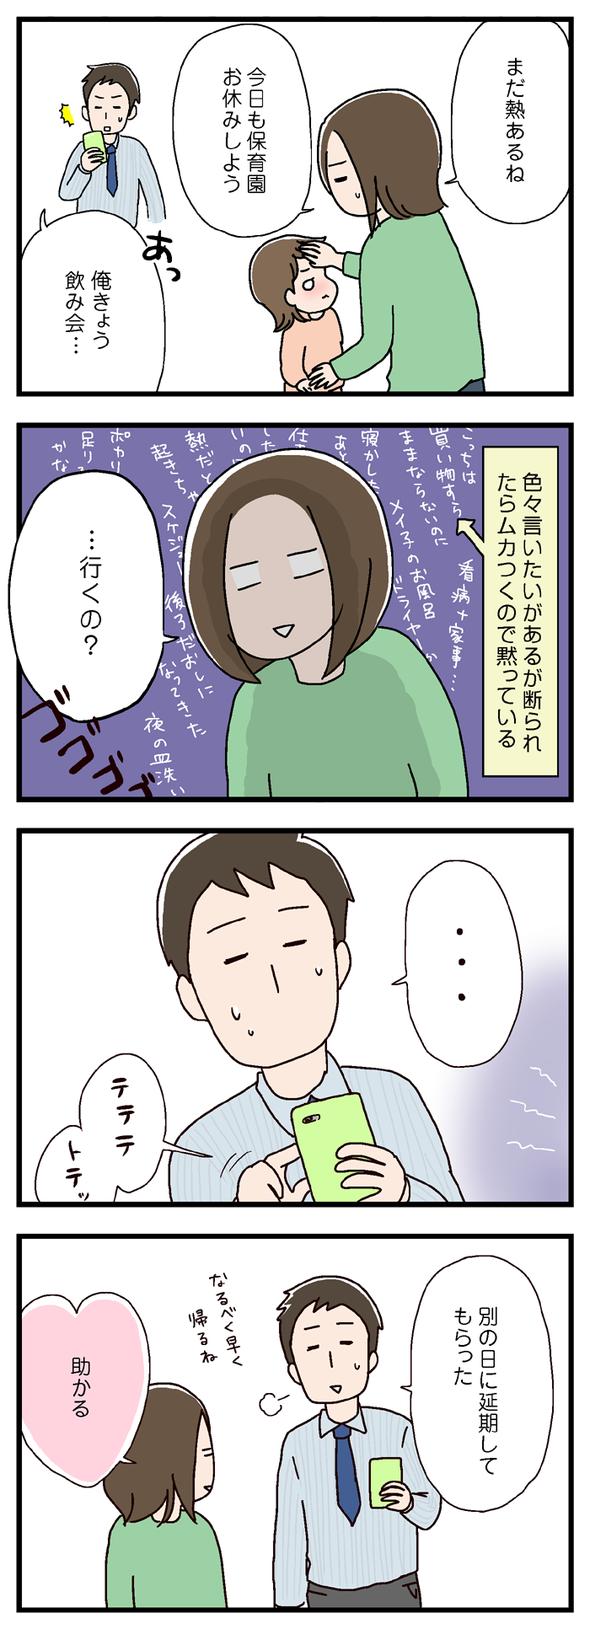 icchomae496